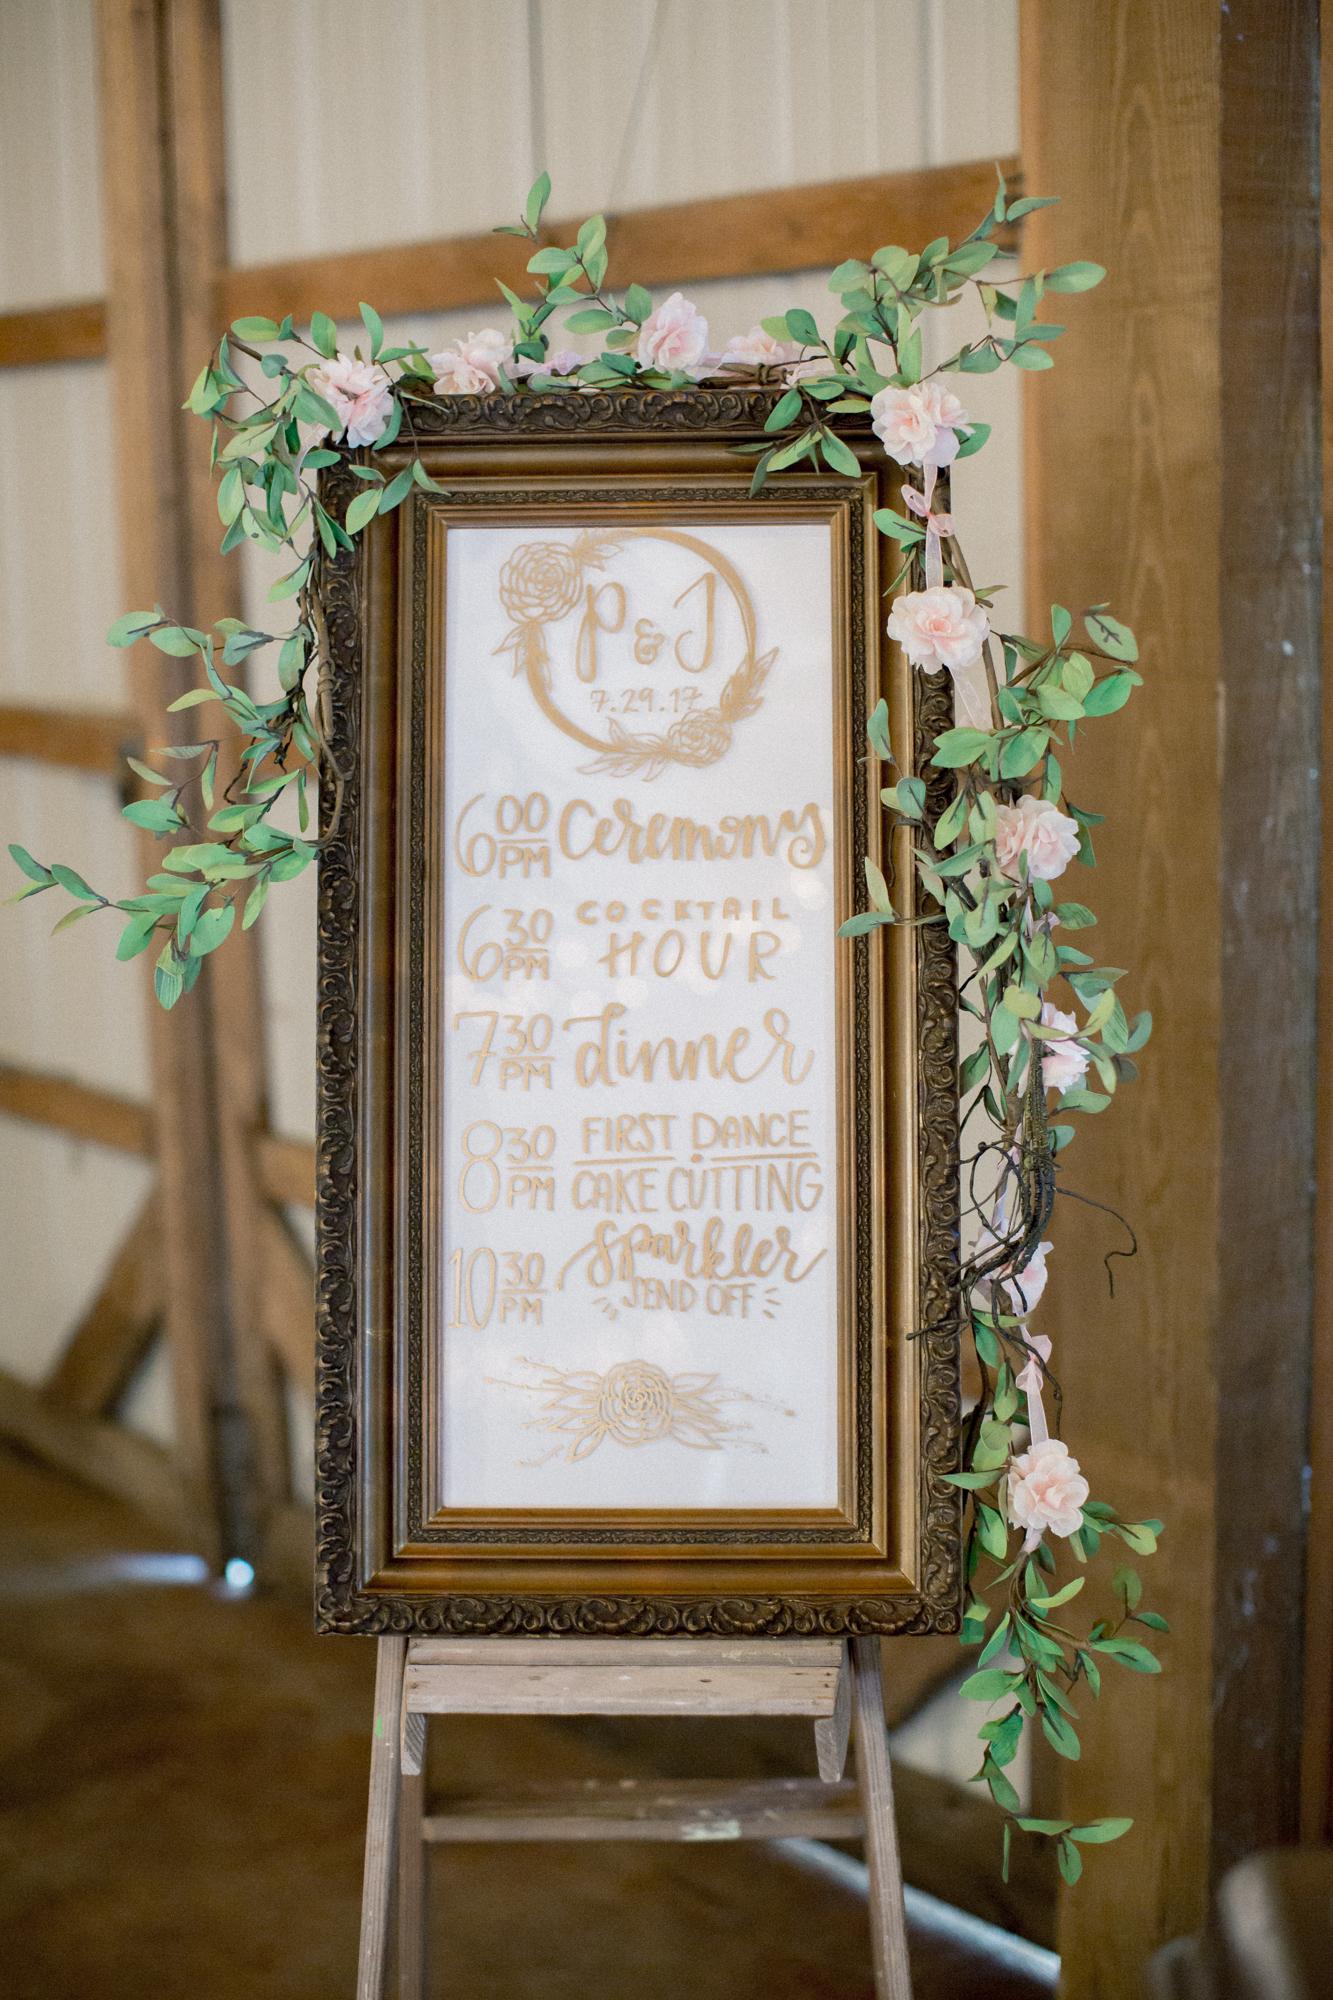 farmatbrusharborwedding-2844.jpg